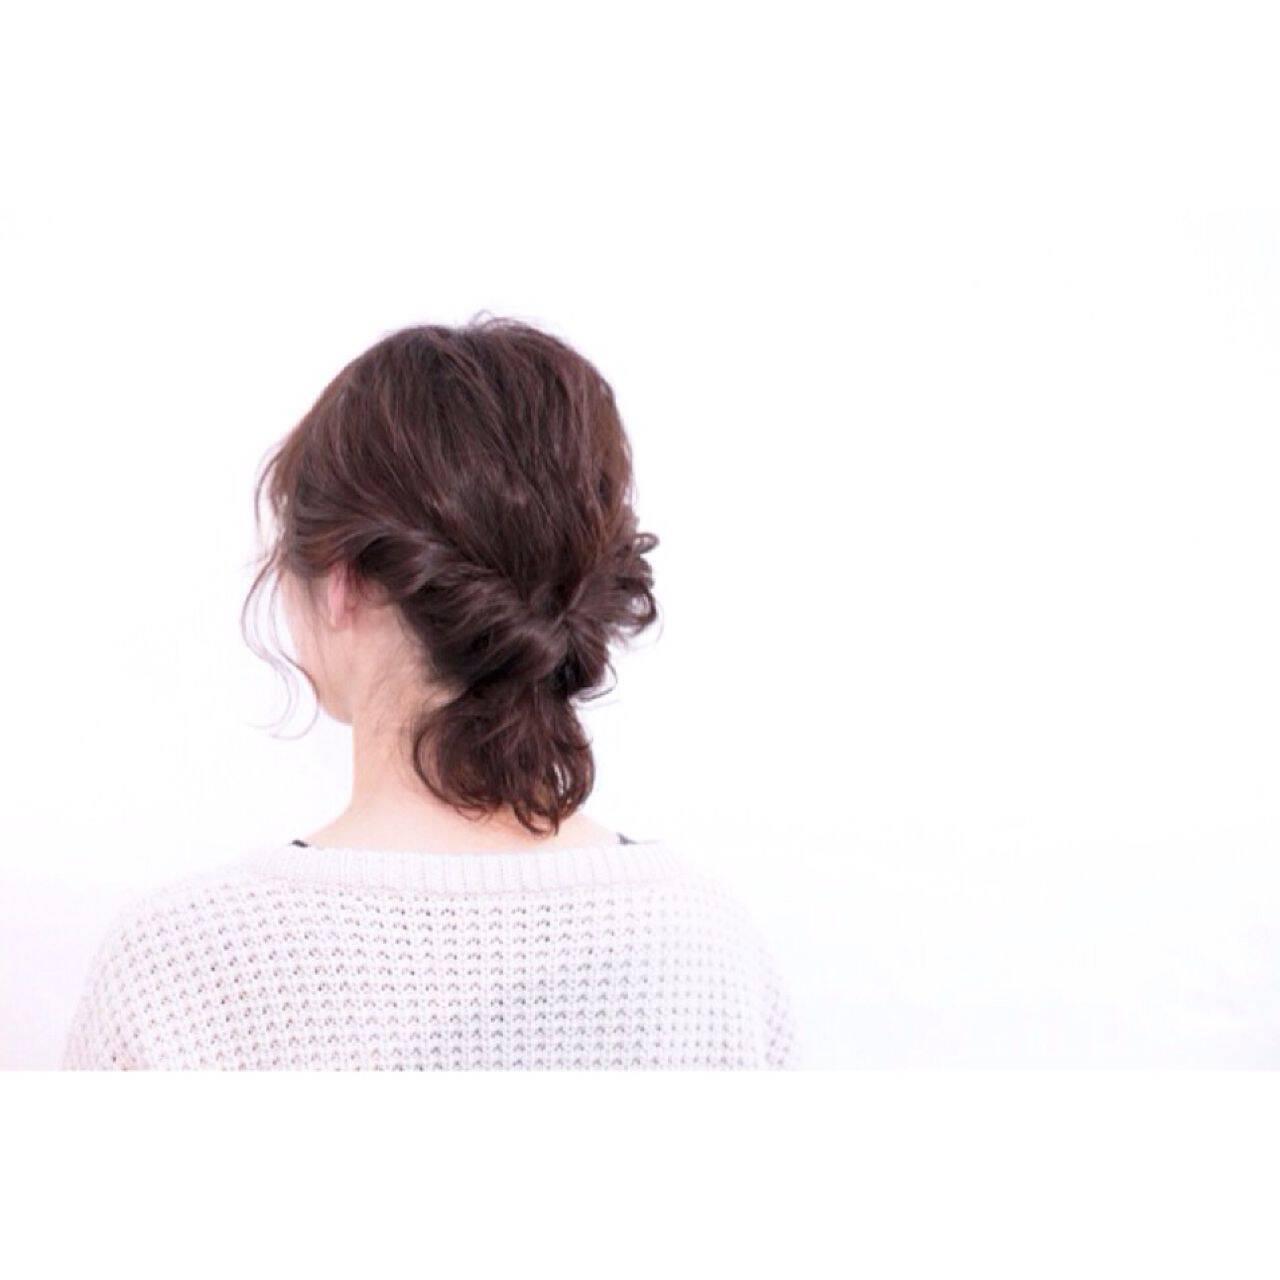 ナチュラル ヘアアレンジ ボブ 暗髪ヘアスタイルや髪型の写真・画像